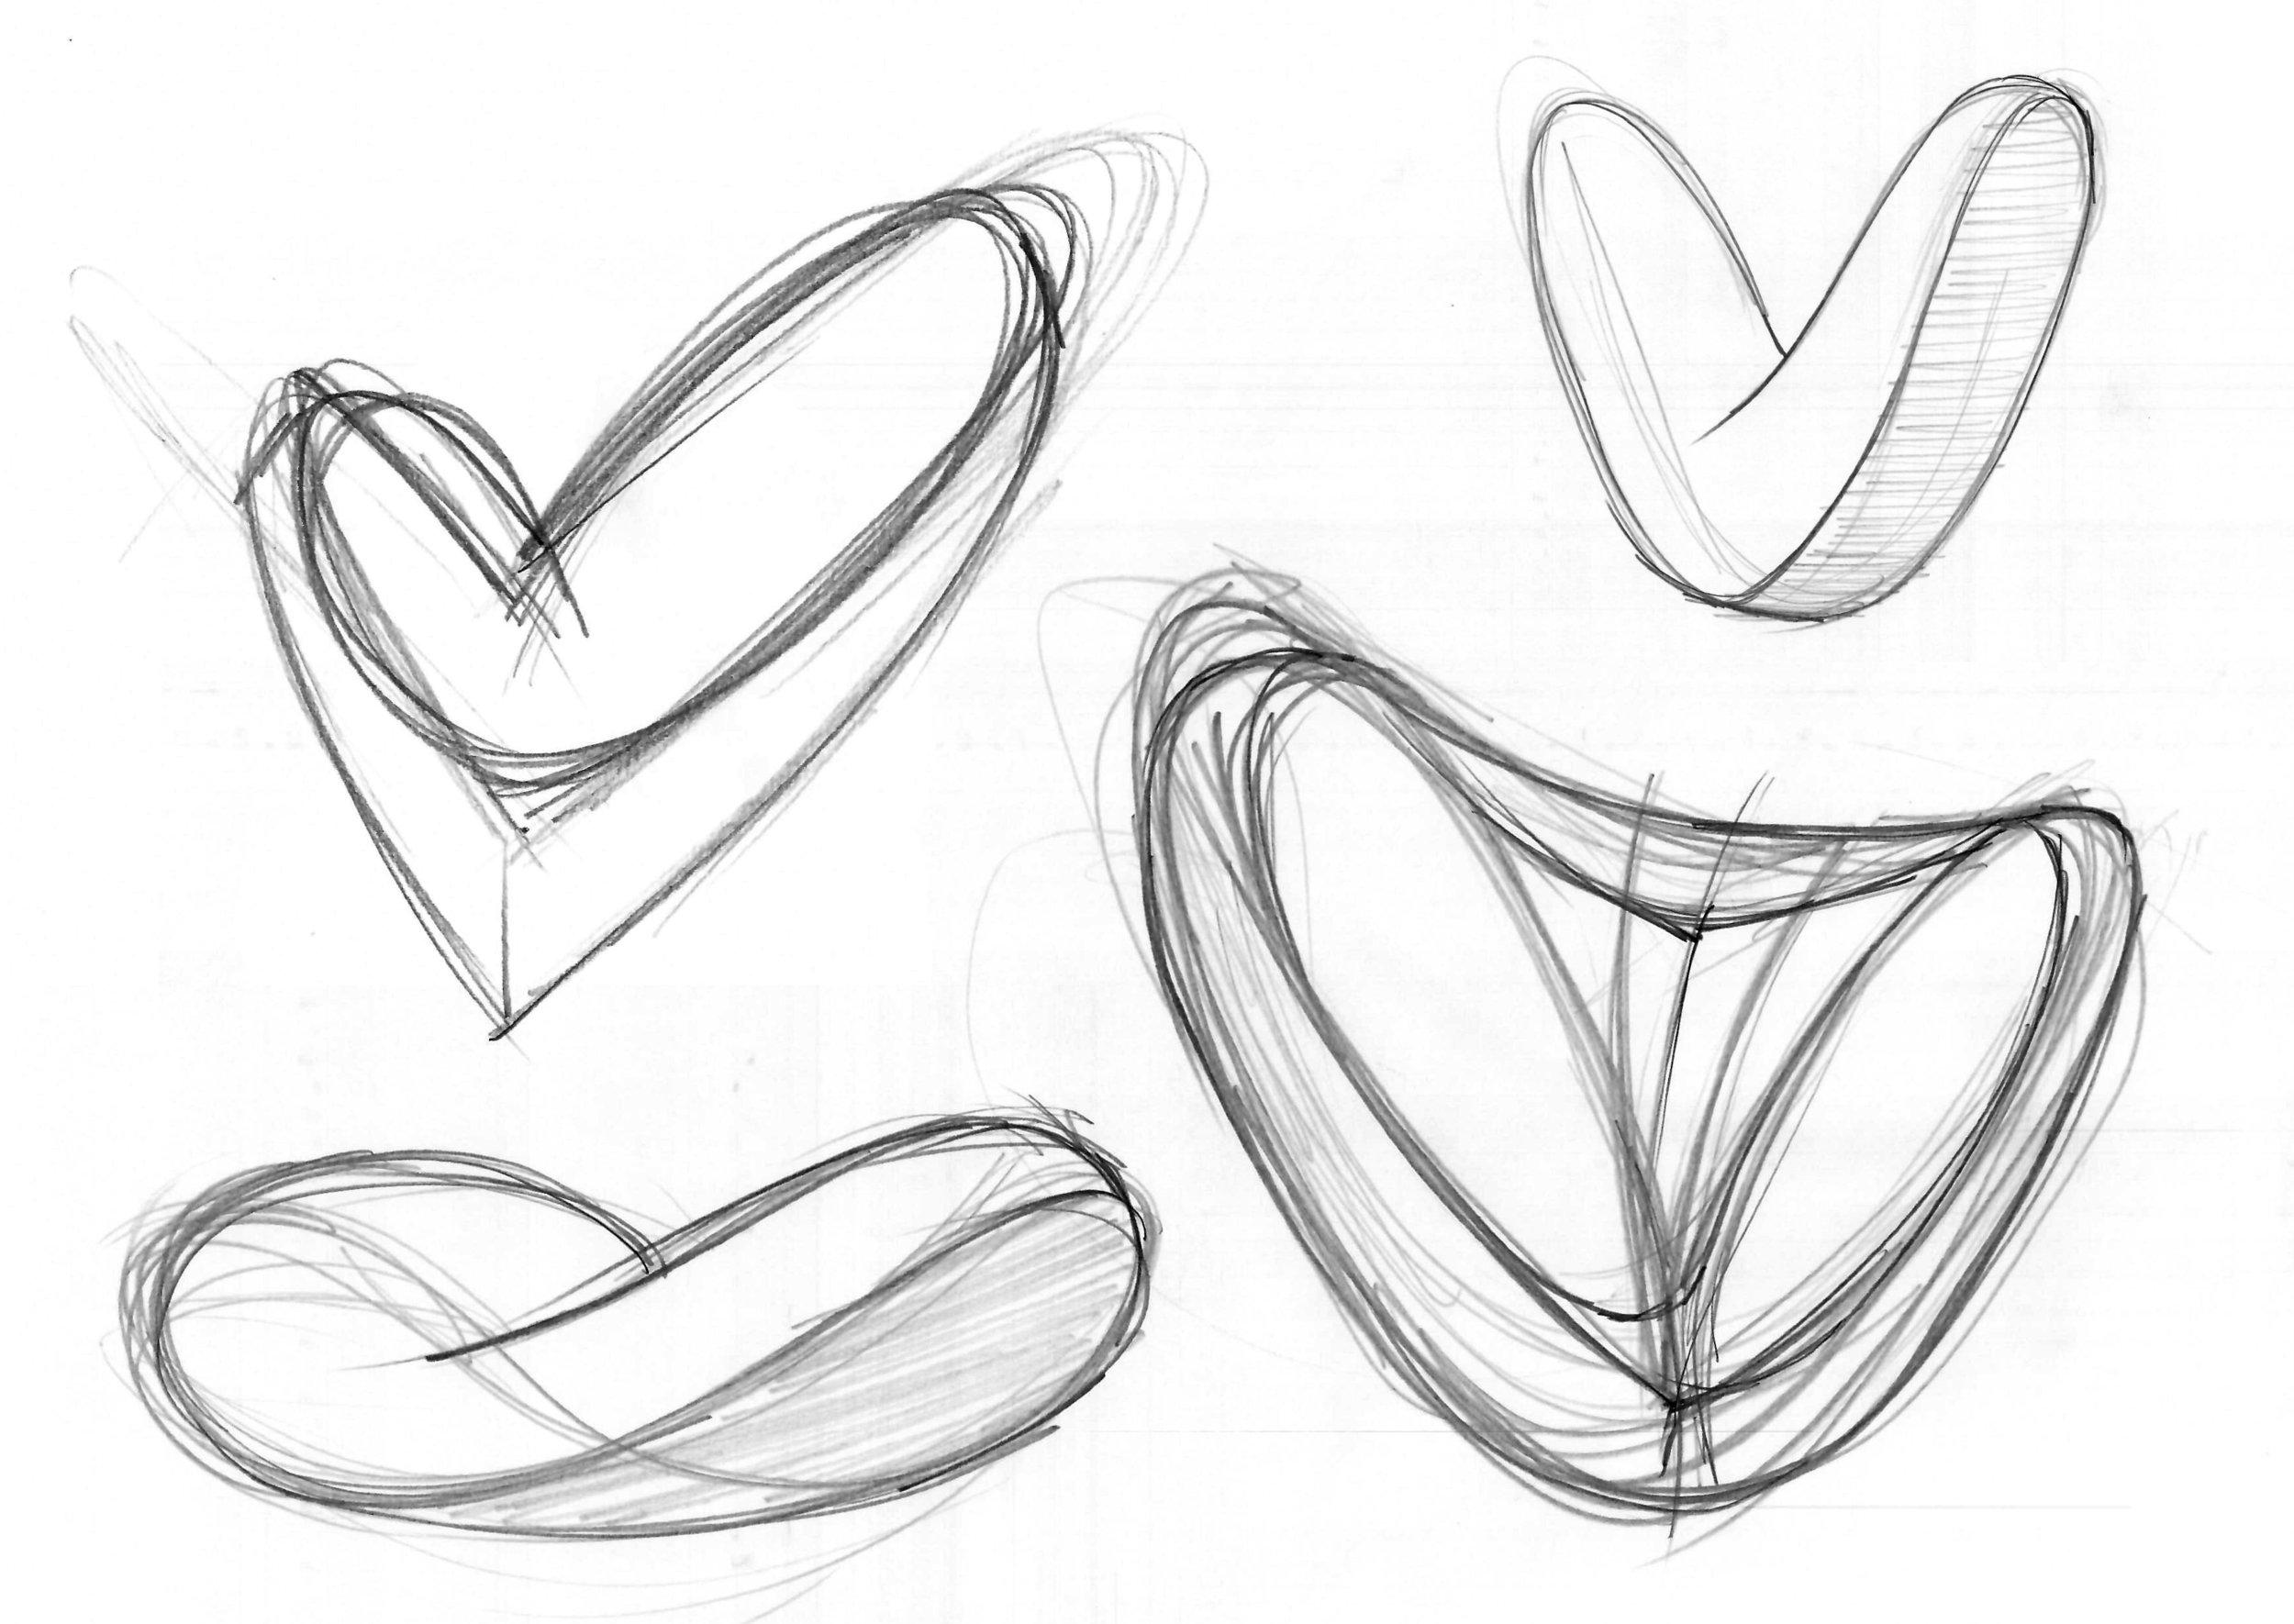 Bormioli drawings-1.jpg